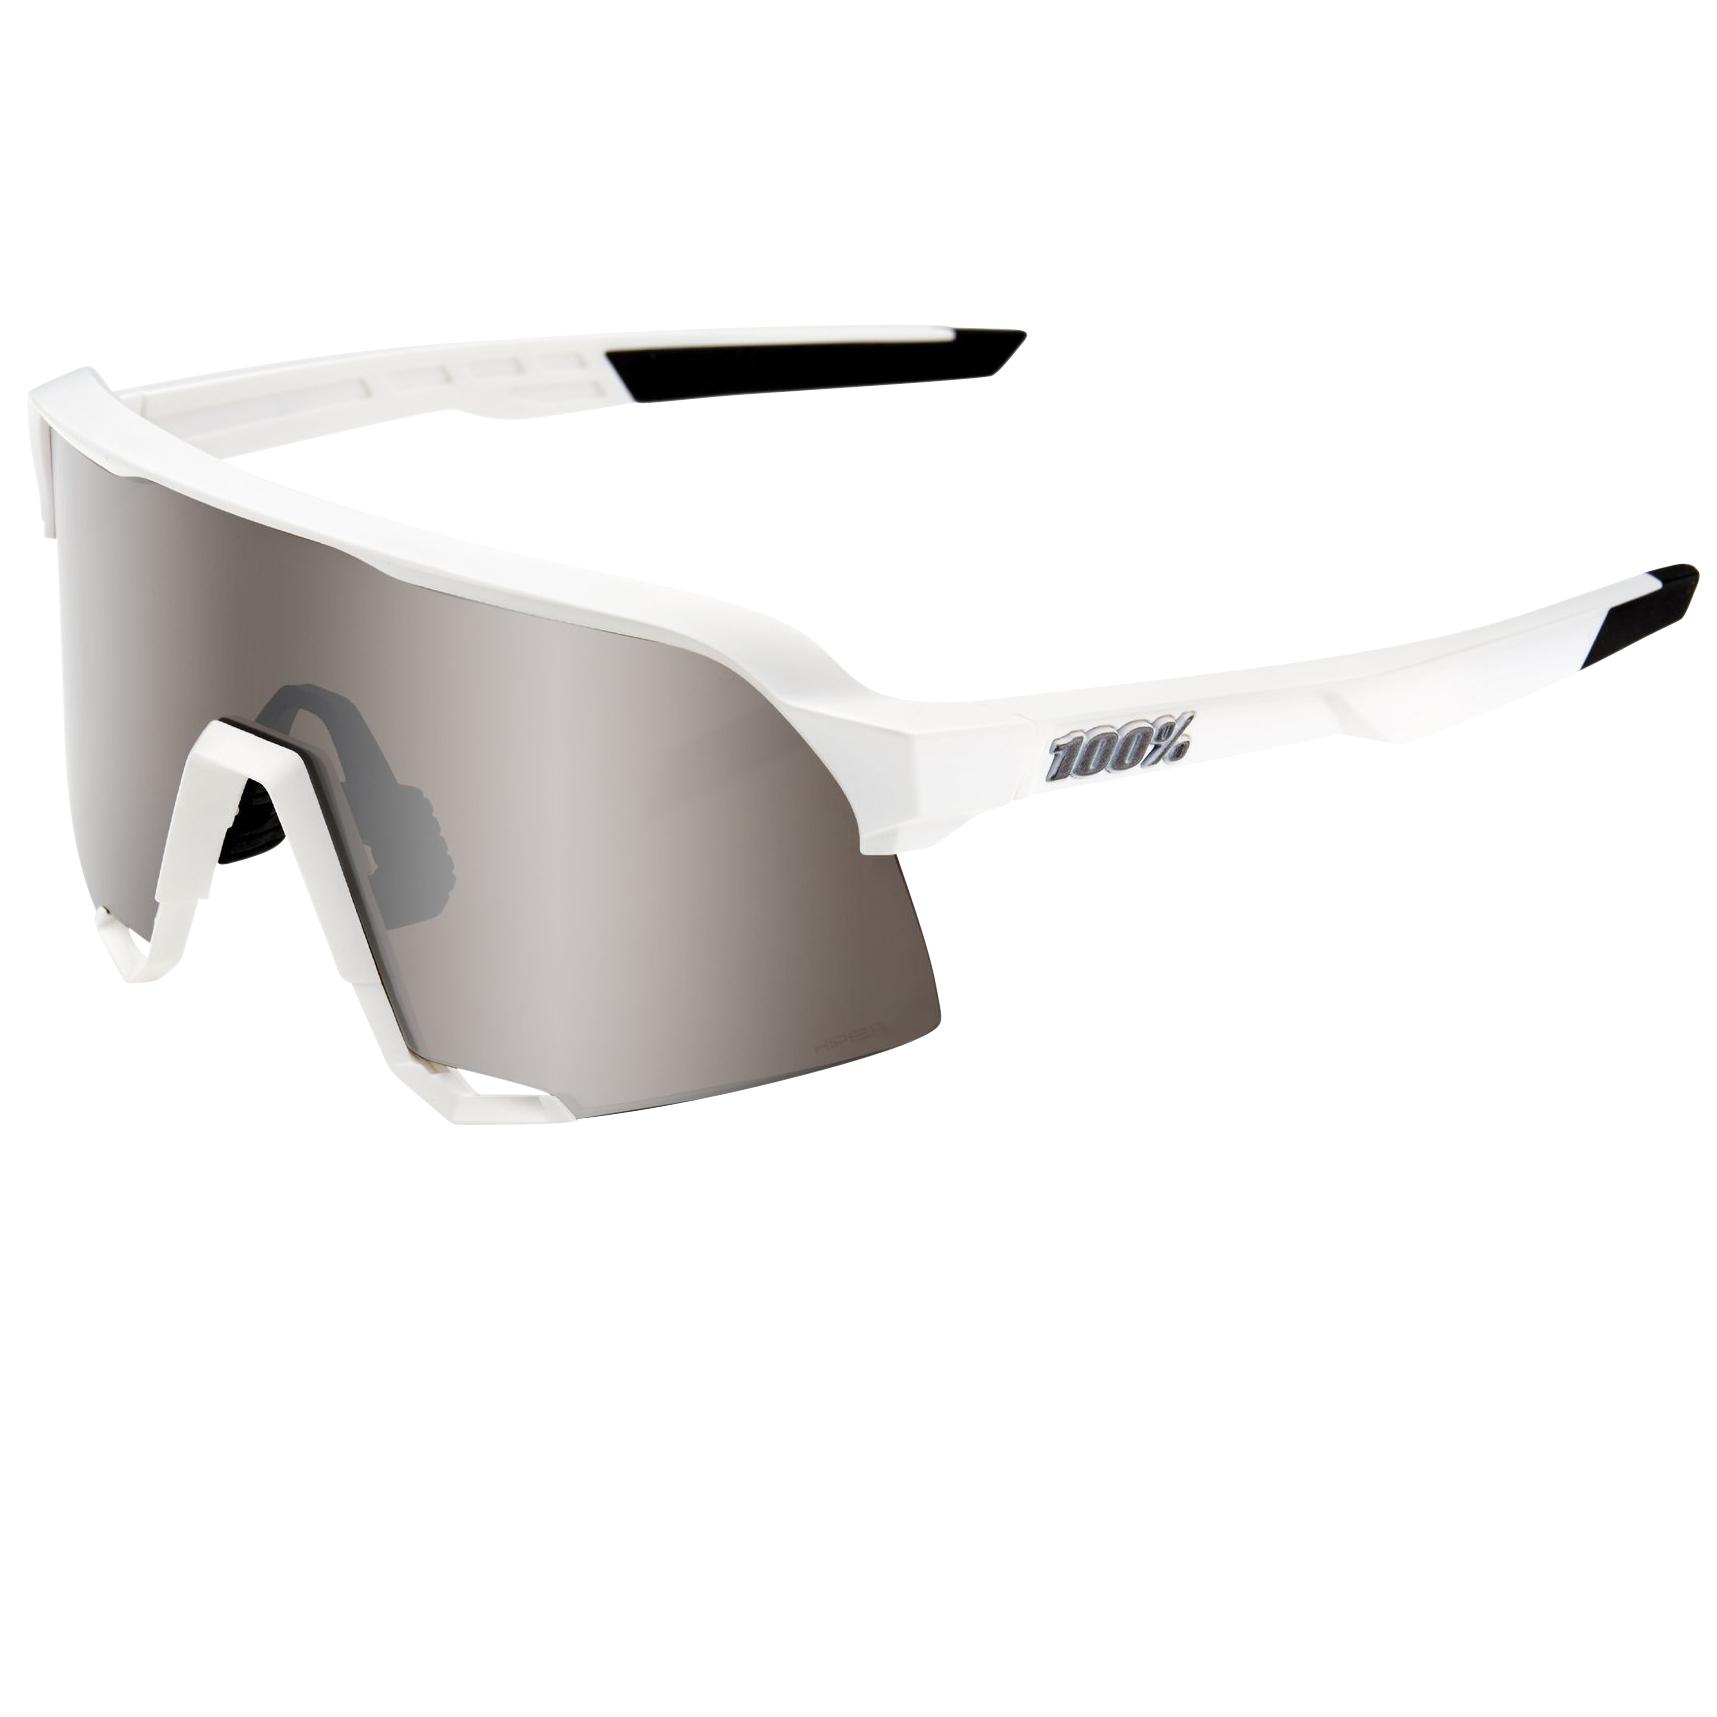 100% S3 HiPER Mirror Glasses - Matte White/Silver + Clear